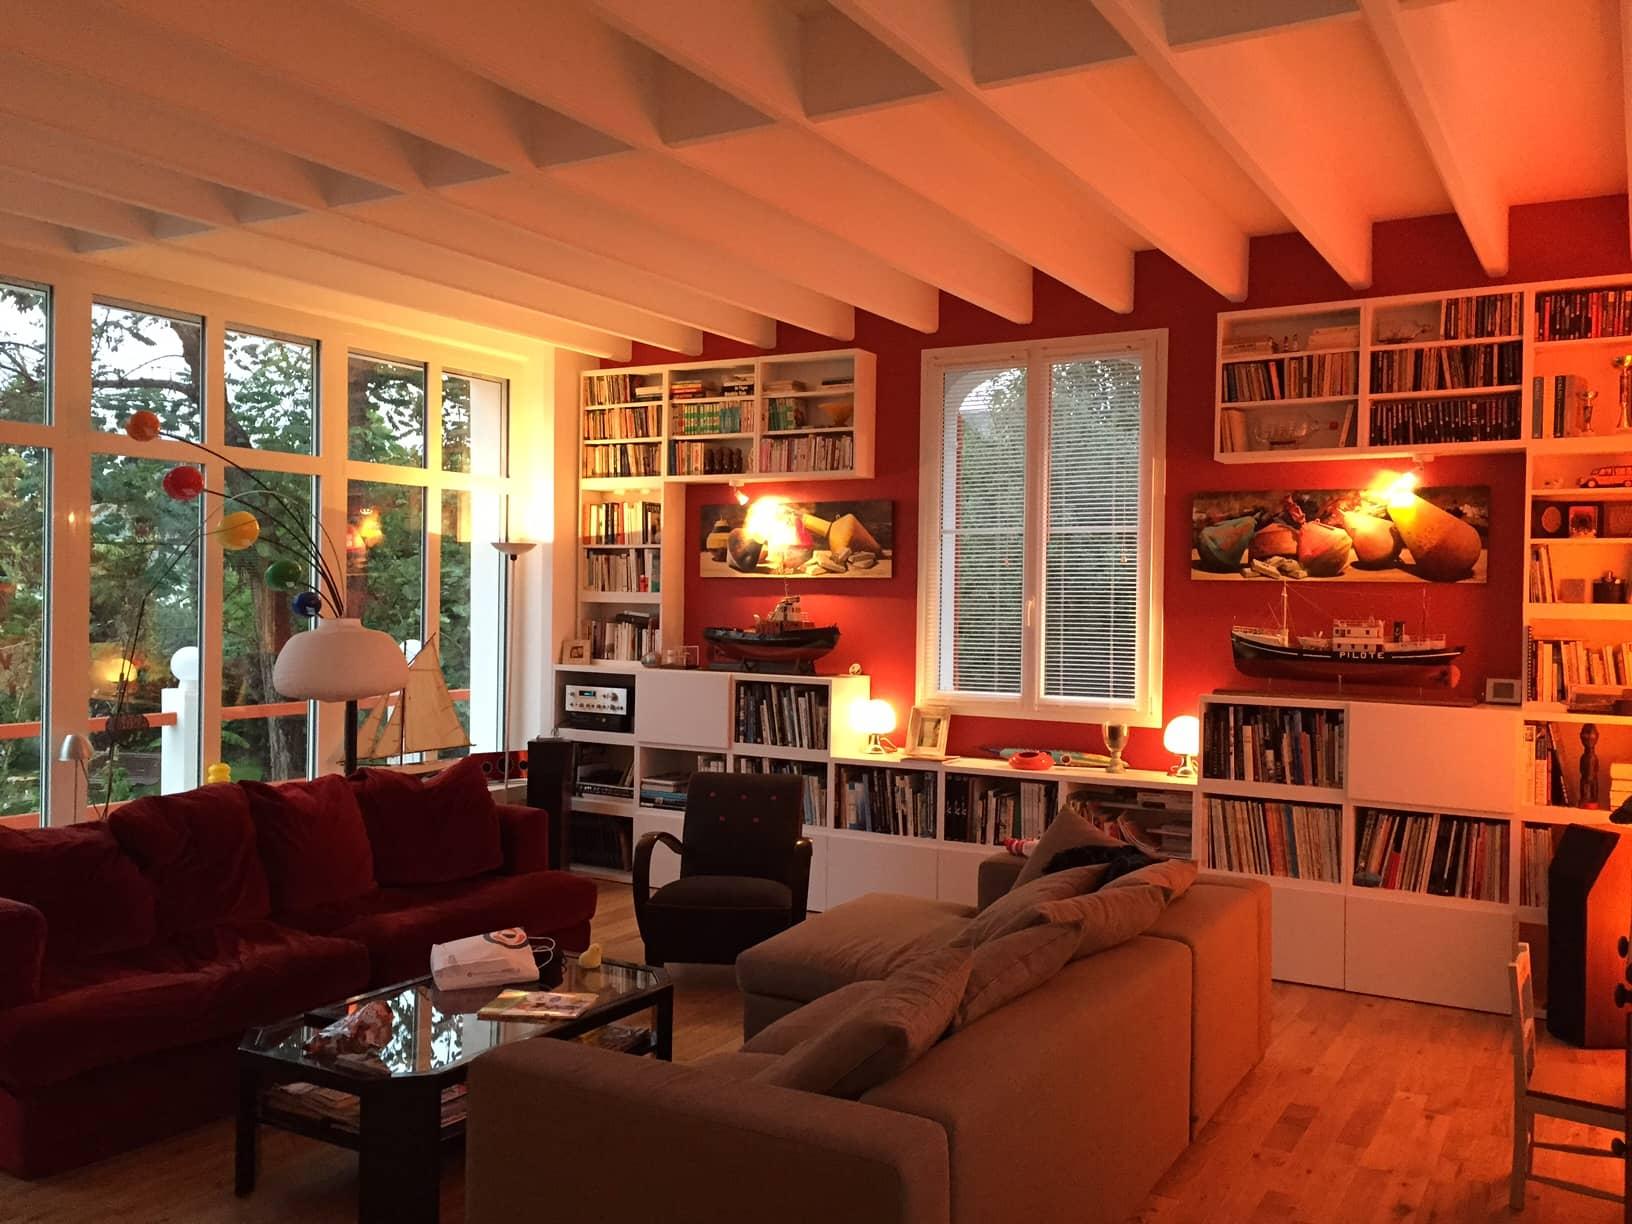 IMG 0149 - Extension d'une maison de vacances à Piriac sur Mer (44)